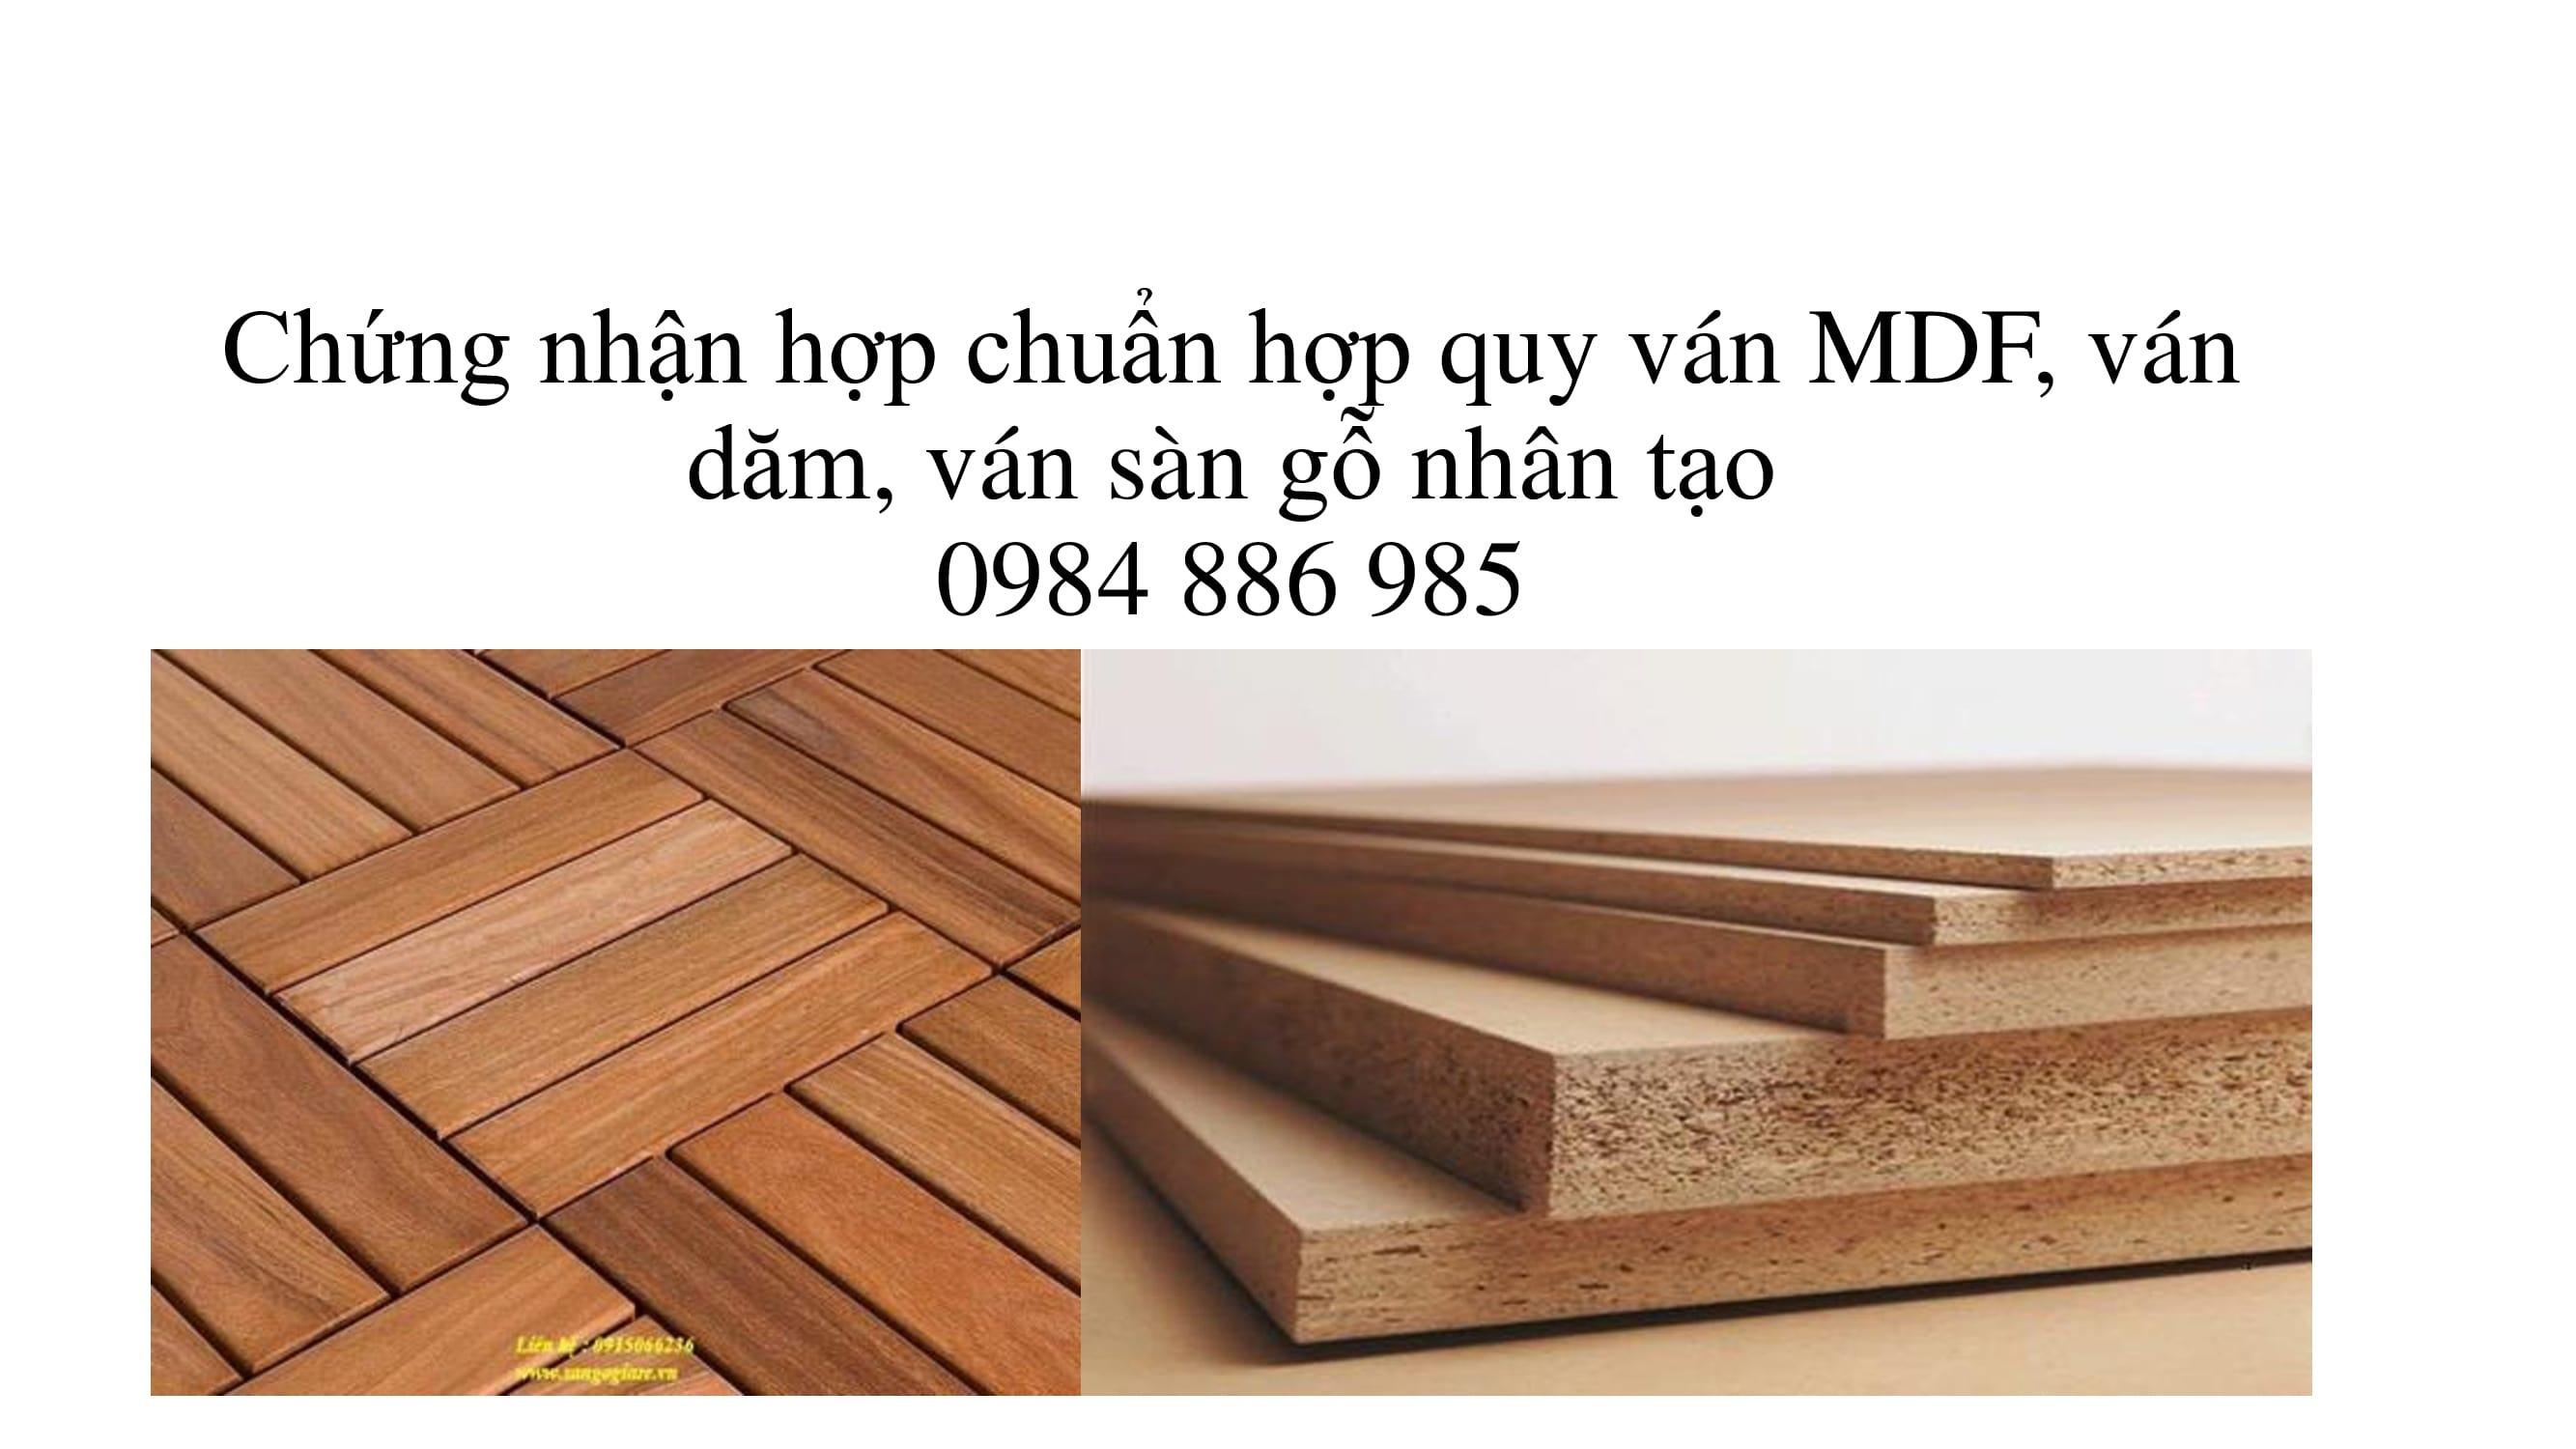 Chứng nhận hợp chuẩn hợp quy ván mdf ván dăm ván sàn gỗ nhân tạo